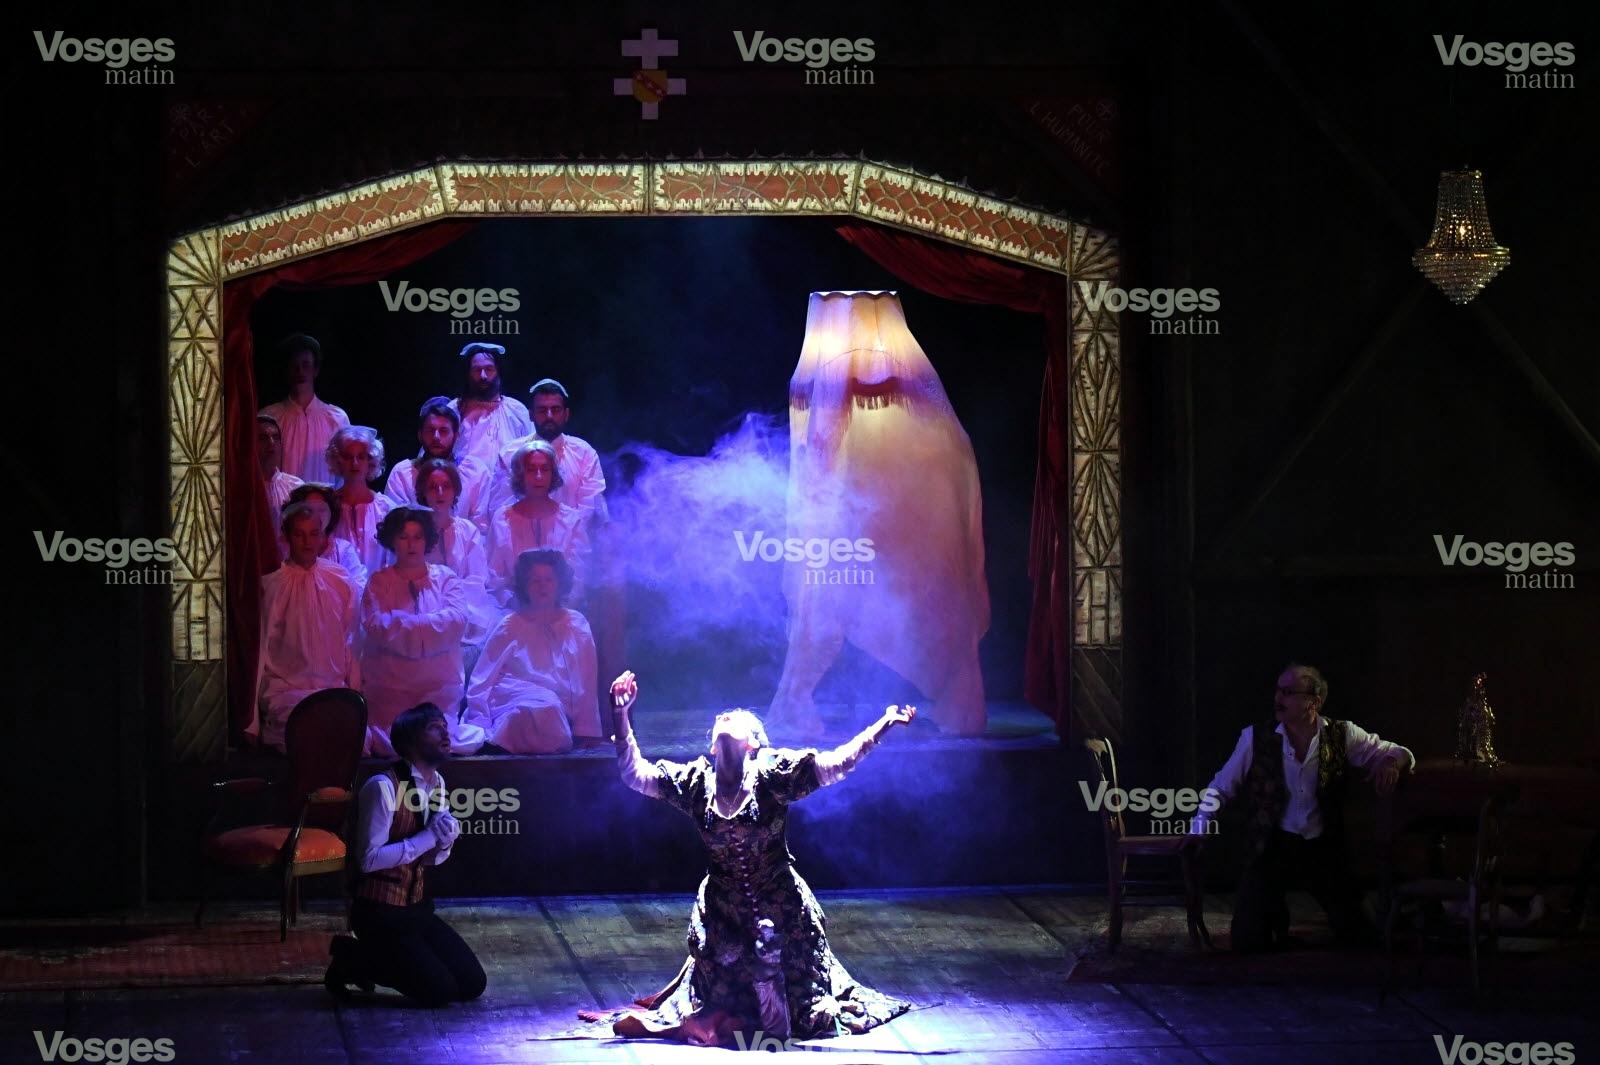 la-femme-du-d-r-petybon-bigote-exemplaire-a-quelques-visions-dans-cette-chambre-theatre-aux-faux-airs-de-theatre-du-peuple-1500301159